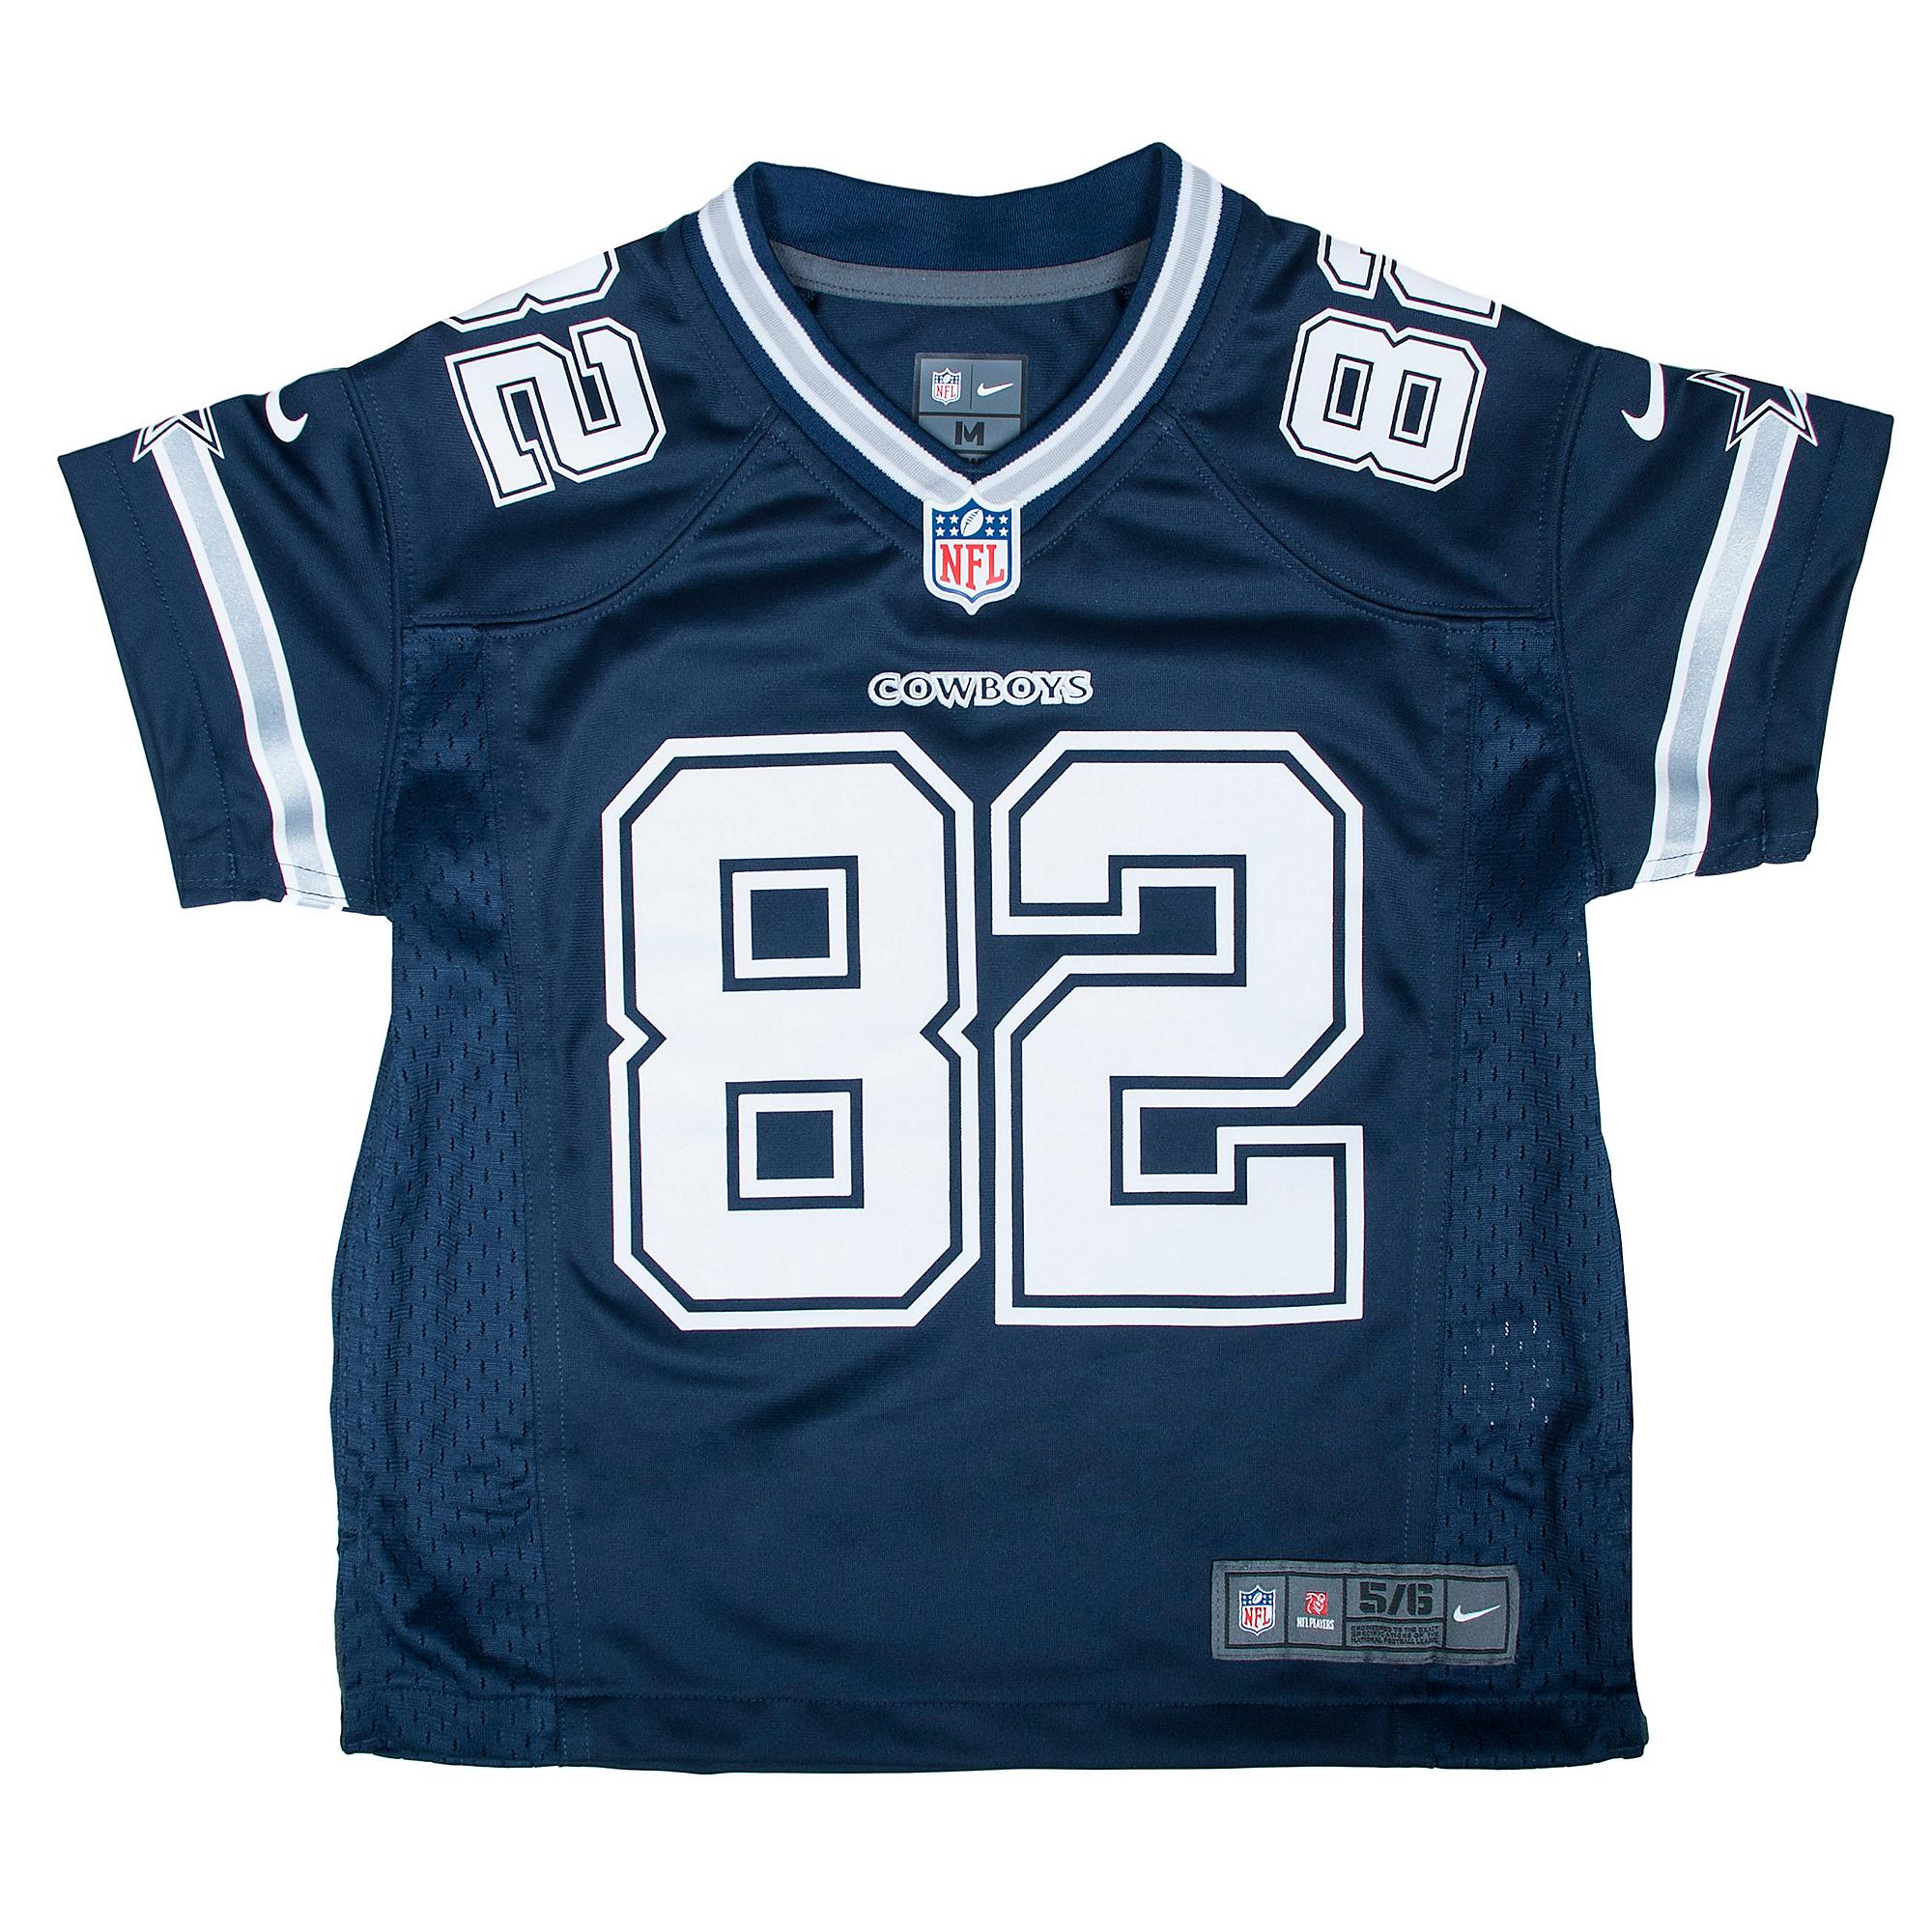 5a700a92 Dallas Cowboys Kids Jason Witten #82 Nike Game Replica Jersey ...